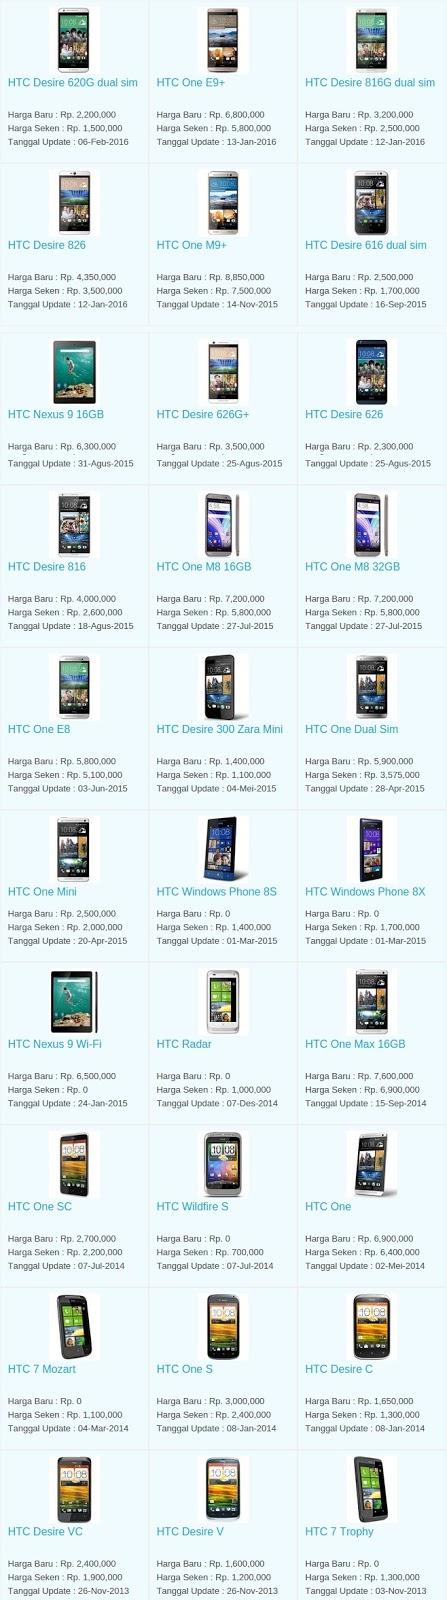 Daftar Harga Terbaru Hp HTC Maret 2016